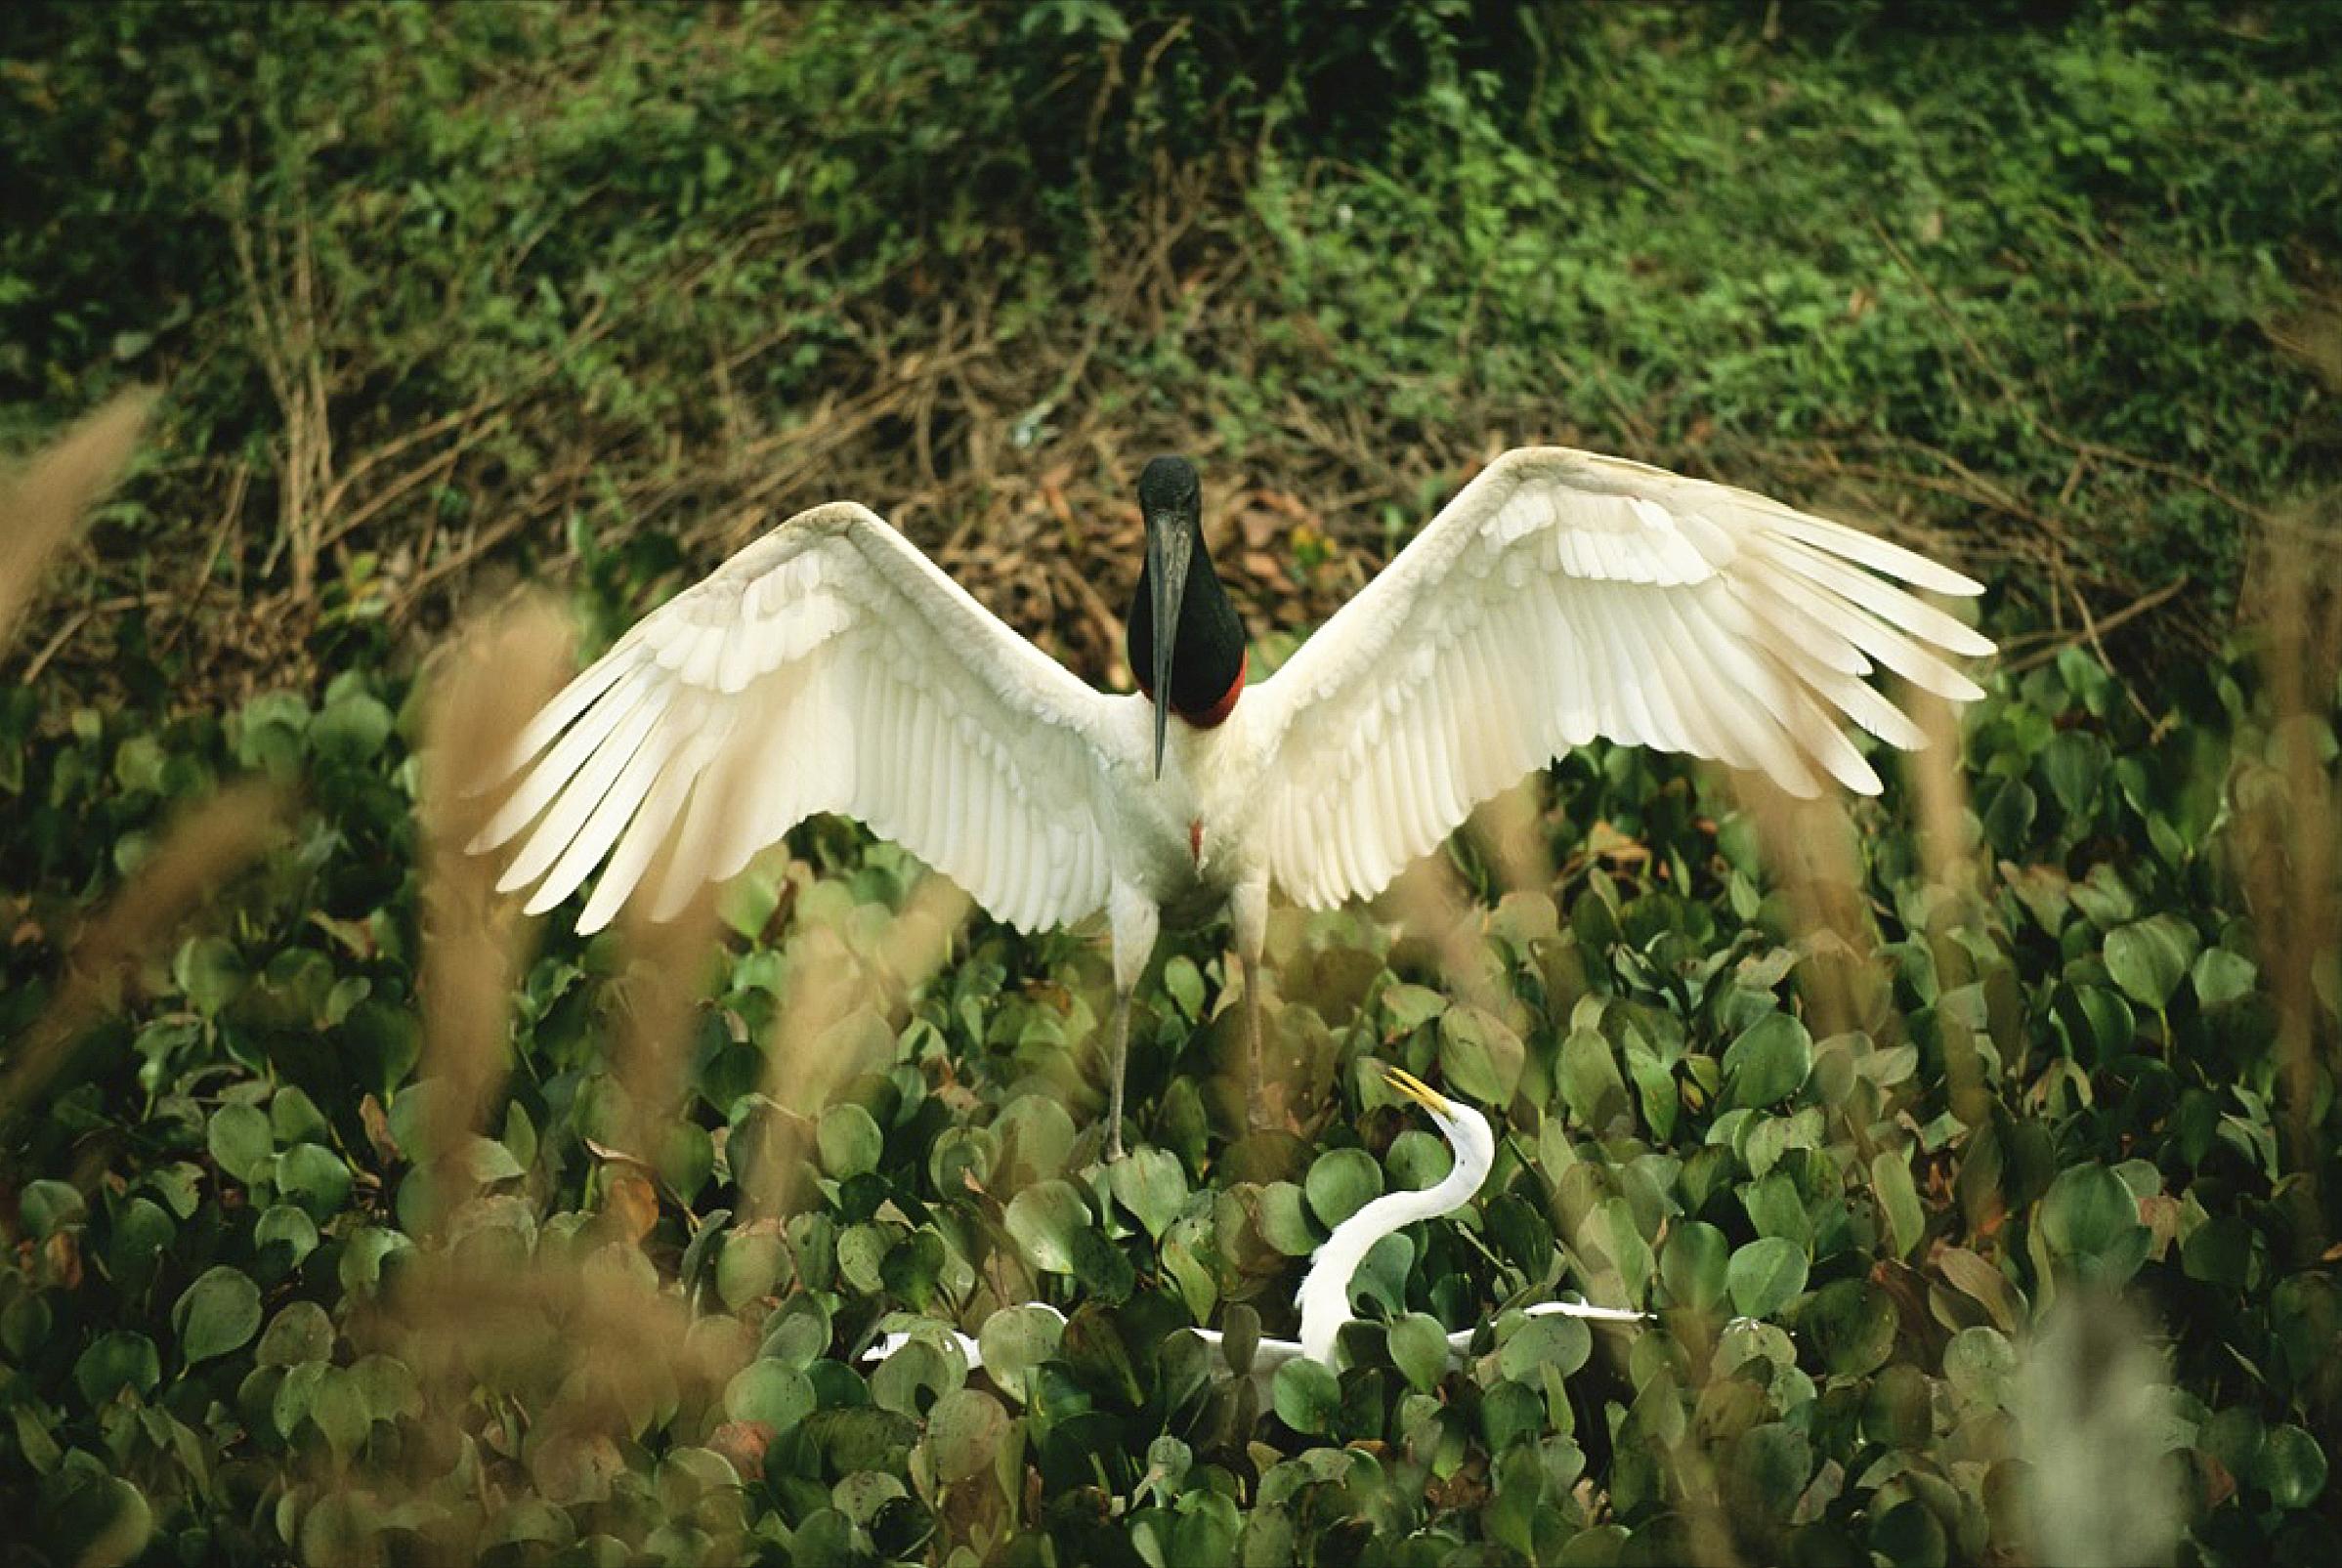 Green anaconda clutching and killing a Great Egret and a Jabiru Stork. Joel Sartore